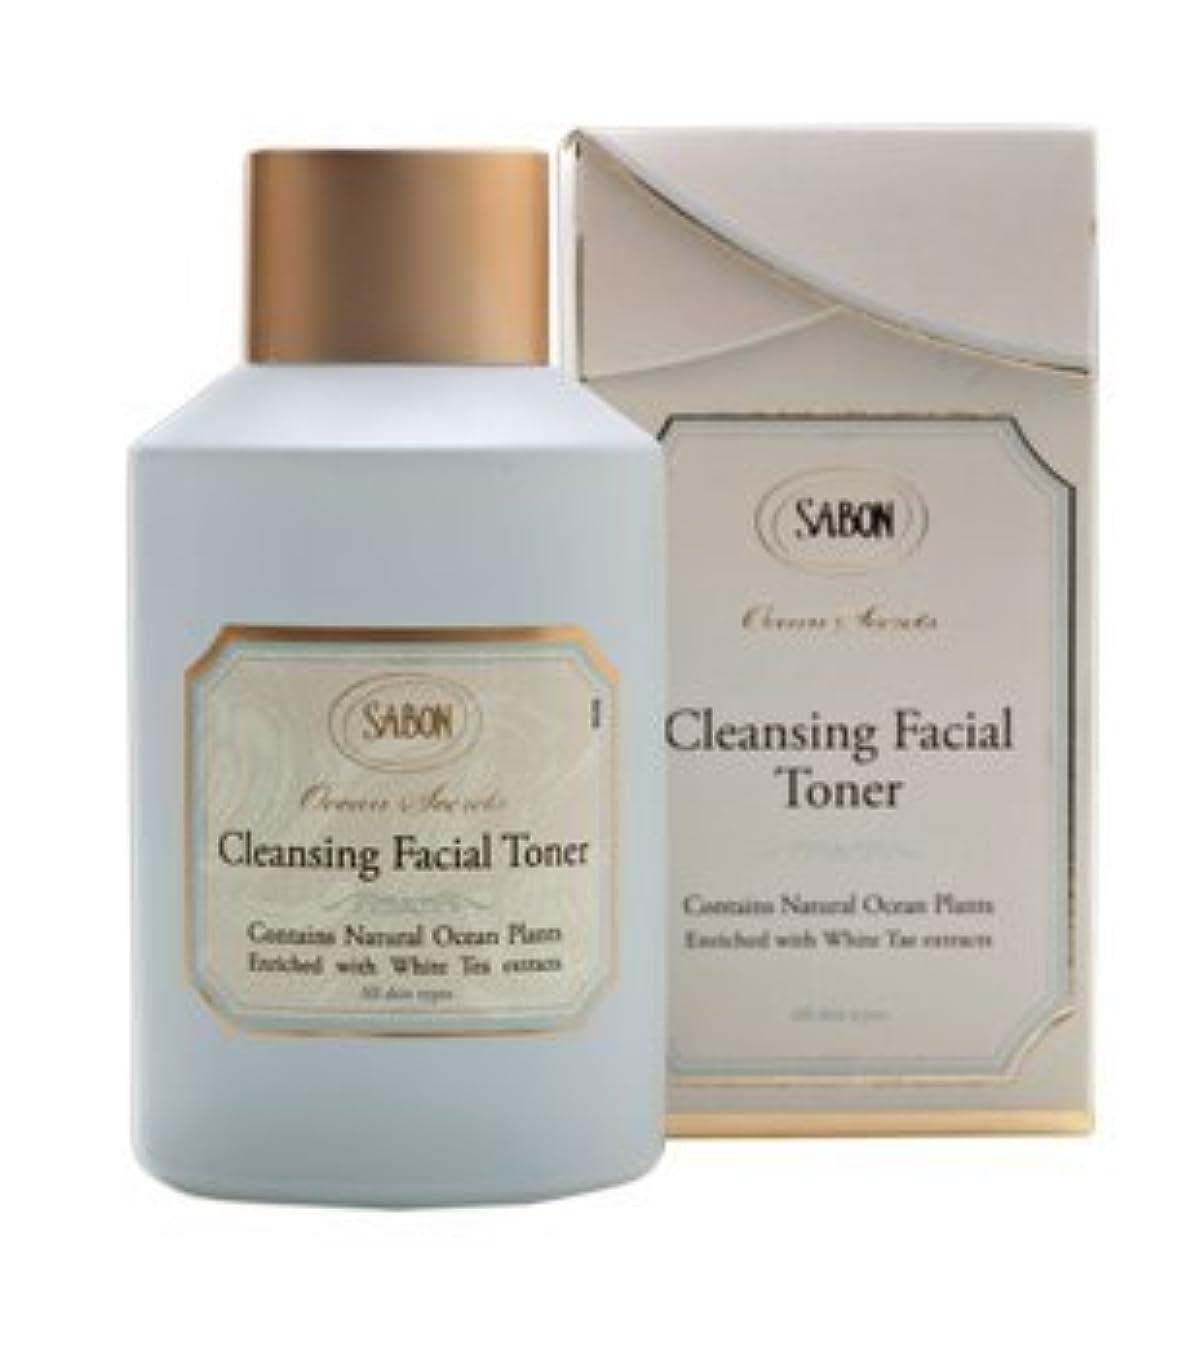 エイズプロトタイプ嫌な【SABON(サボン)】Ocean Secrets - Cleansing Facial Toner (125ml) 拭き取り用化粧水 イスラエル発 並行輸入品 海外直送